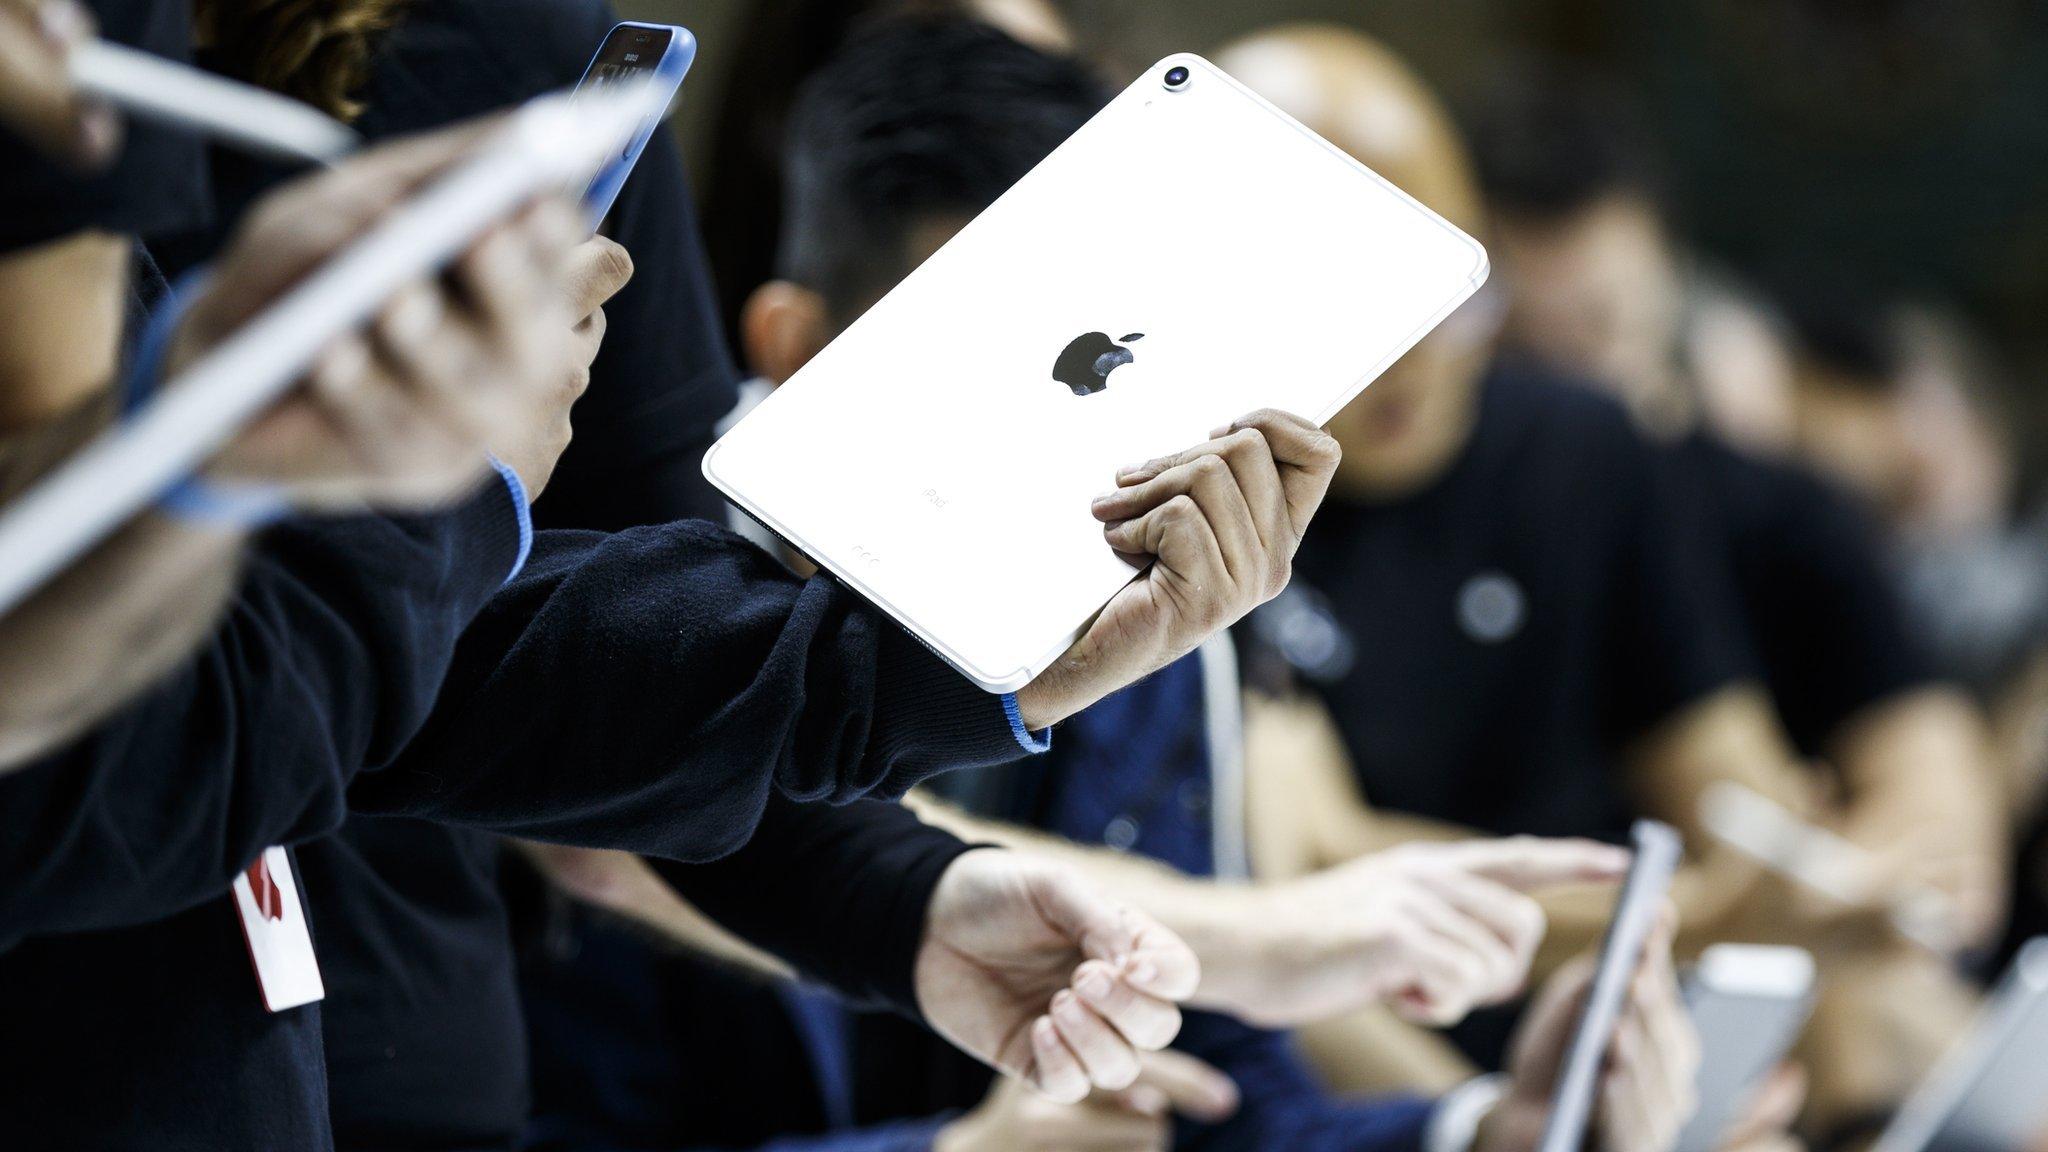 Apple iPhone sales fears rock Wall Street